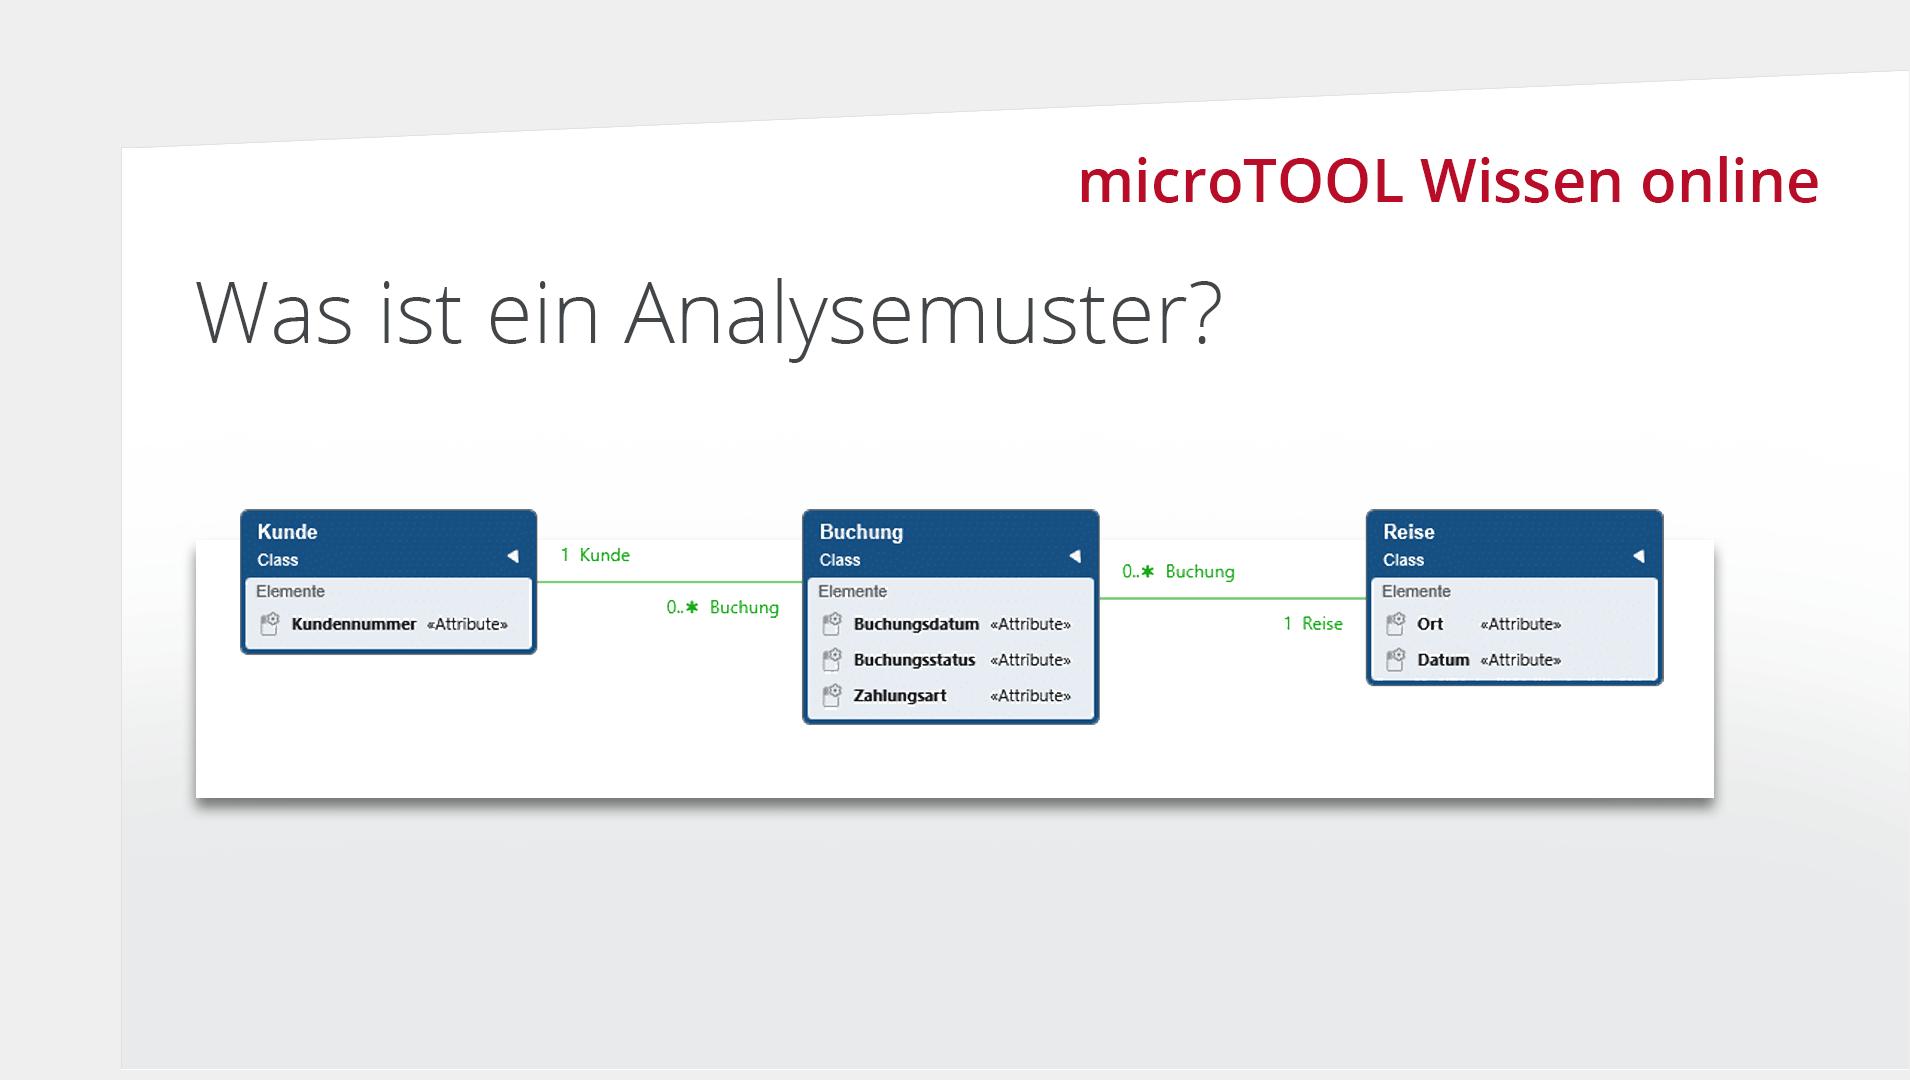 Was ist ein Analysemuster?